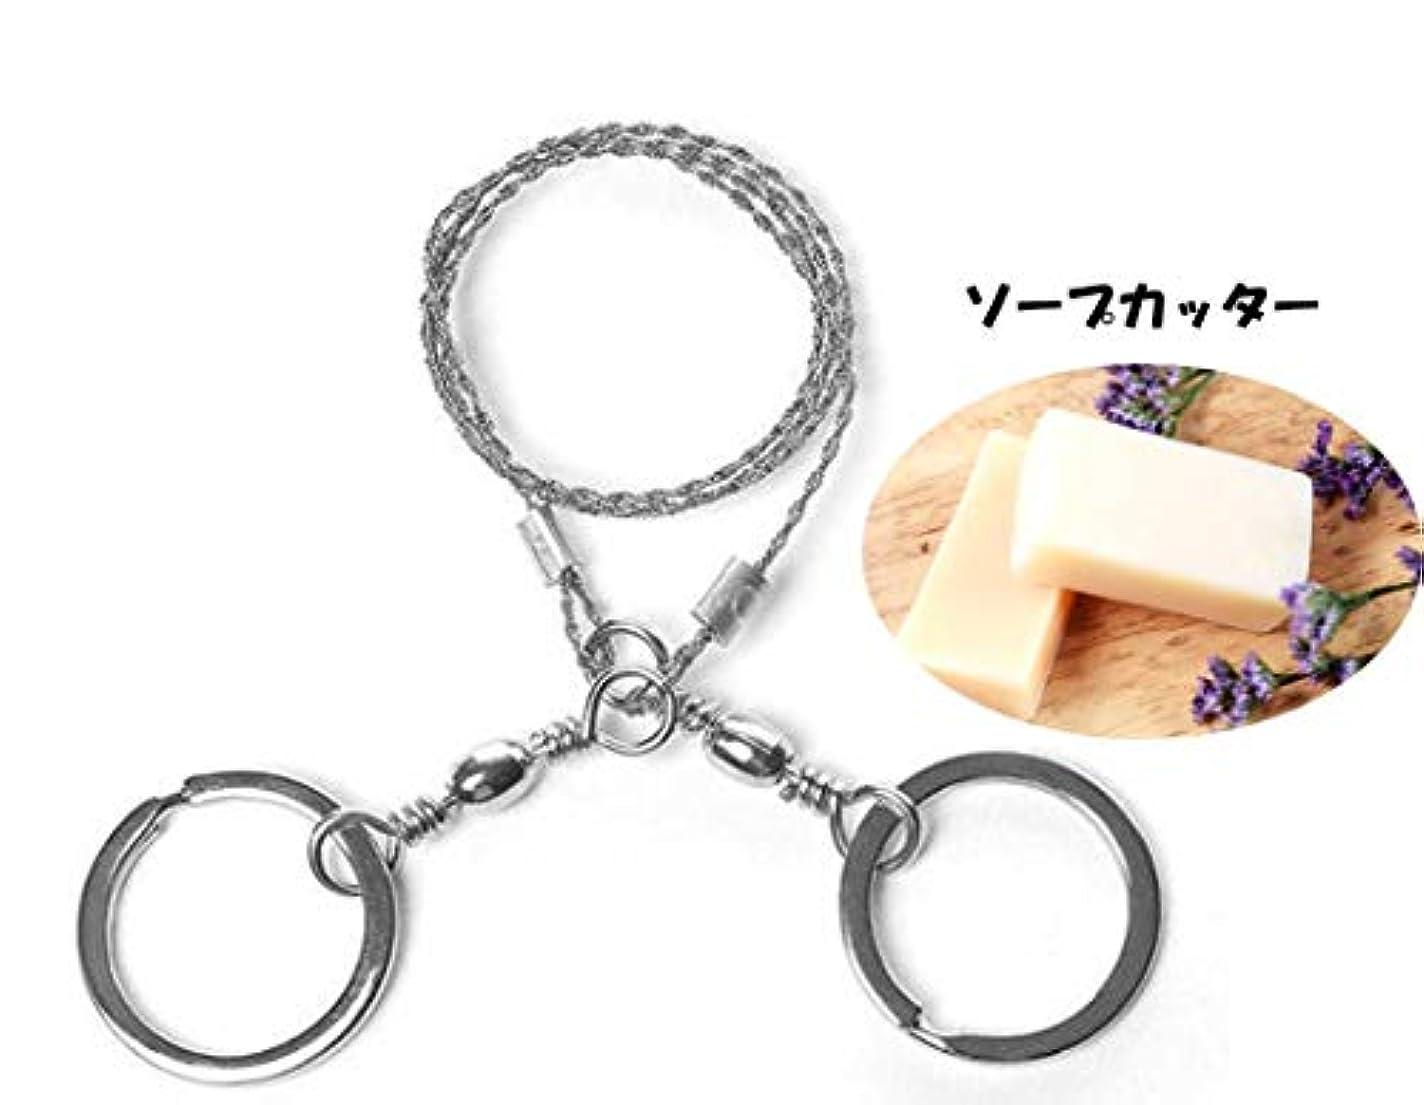 病院バンカー適合しましたワイヤーカッター ハンドルソープ カッター 糸鋸 手作り石けん Soap Making 小型 便利 持ち手リング付 軽量